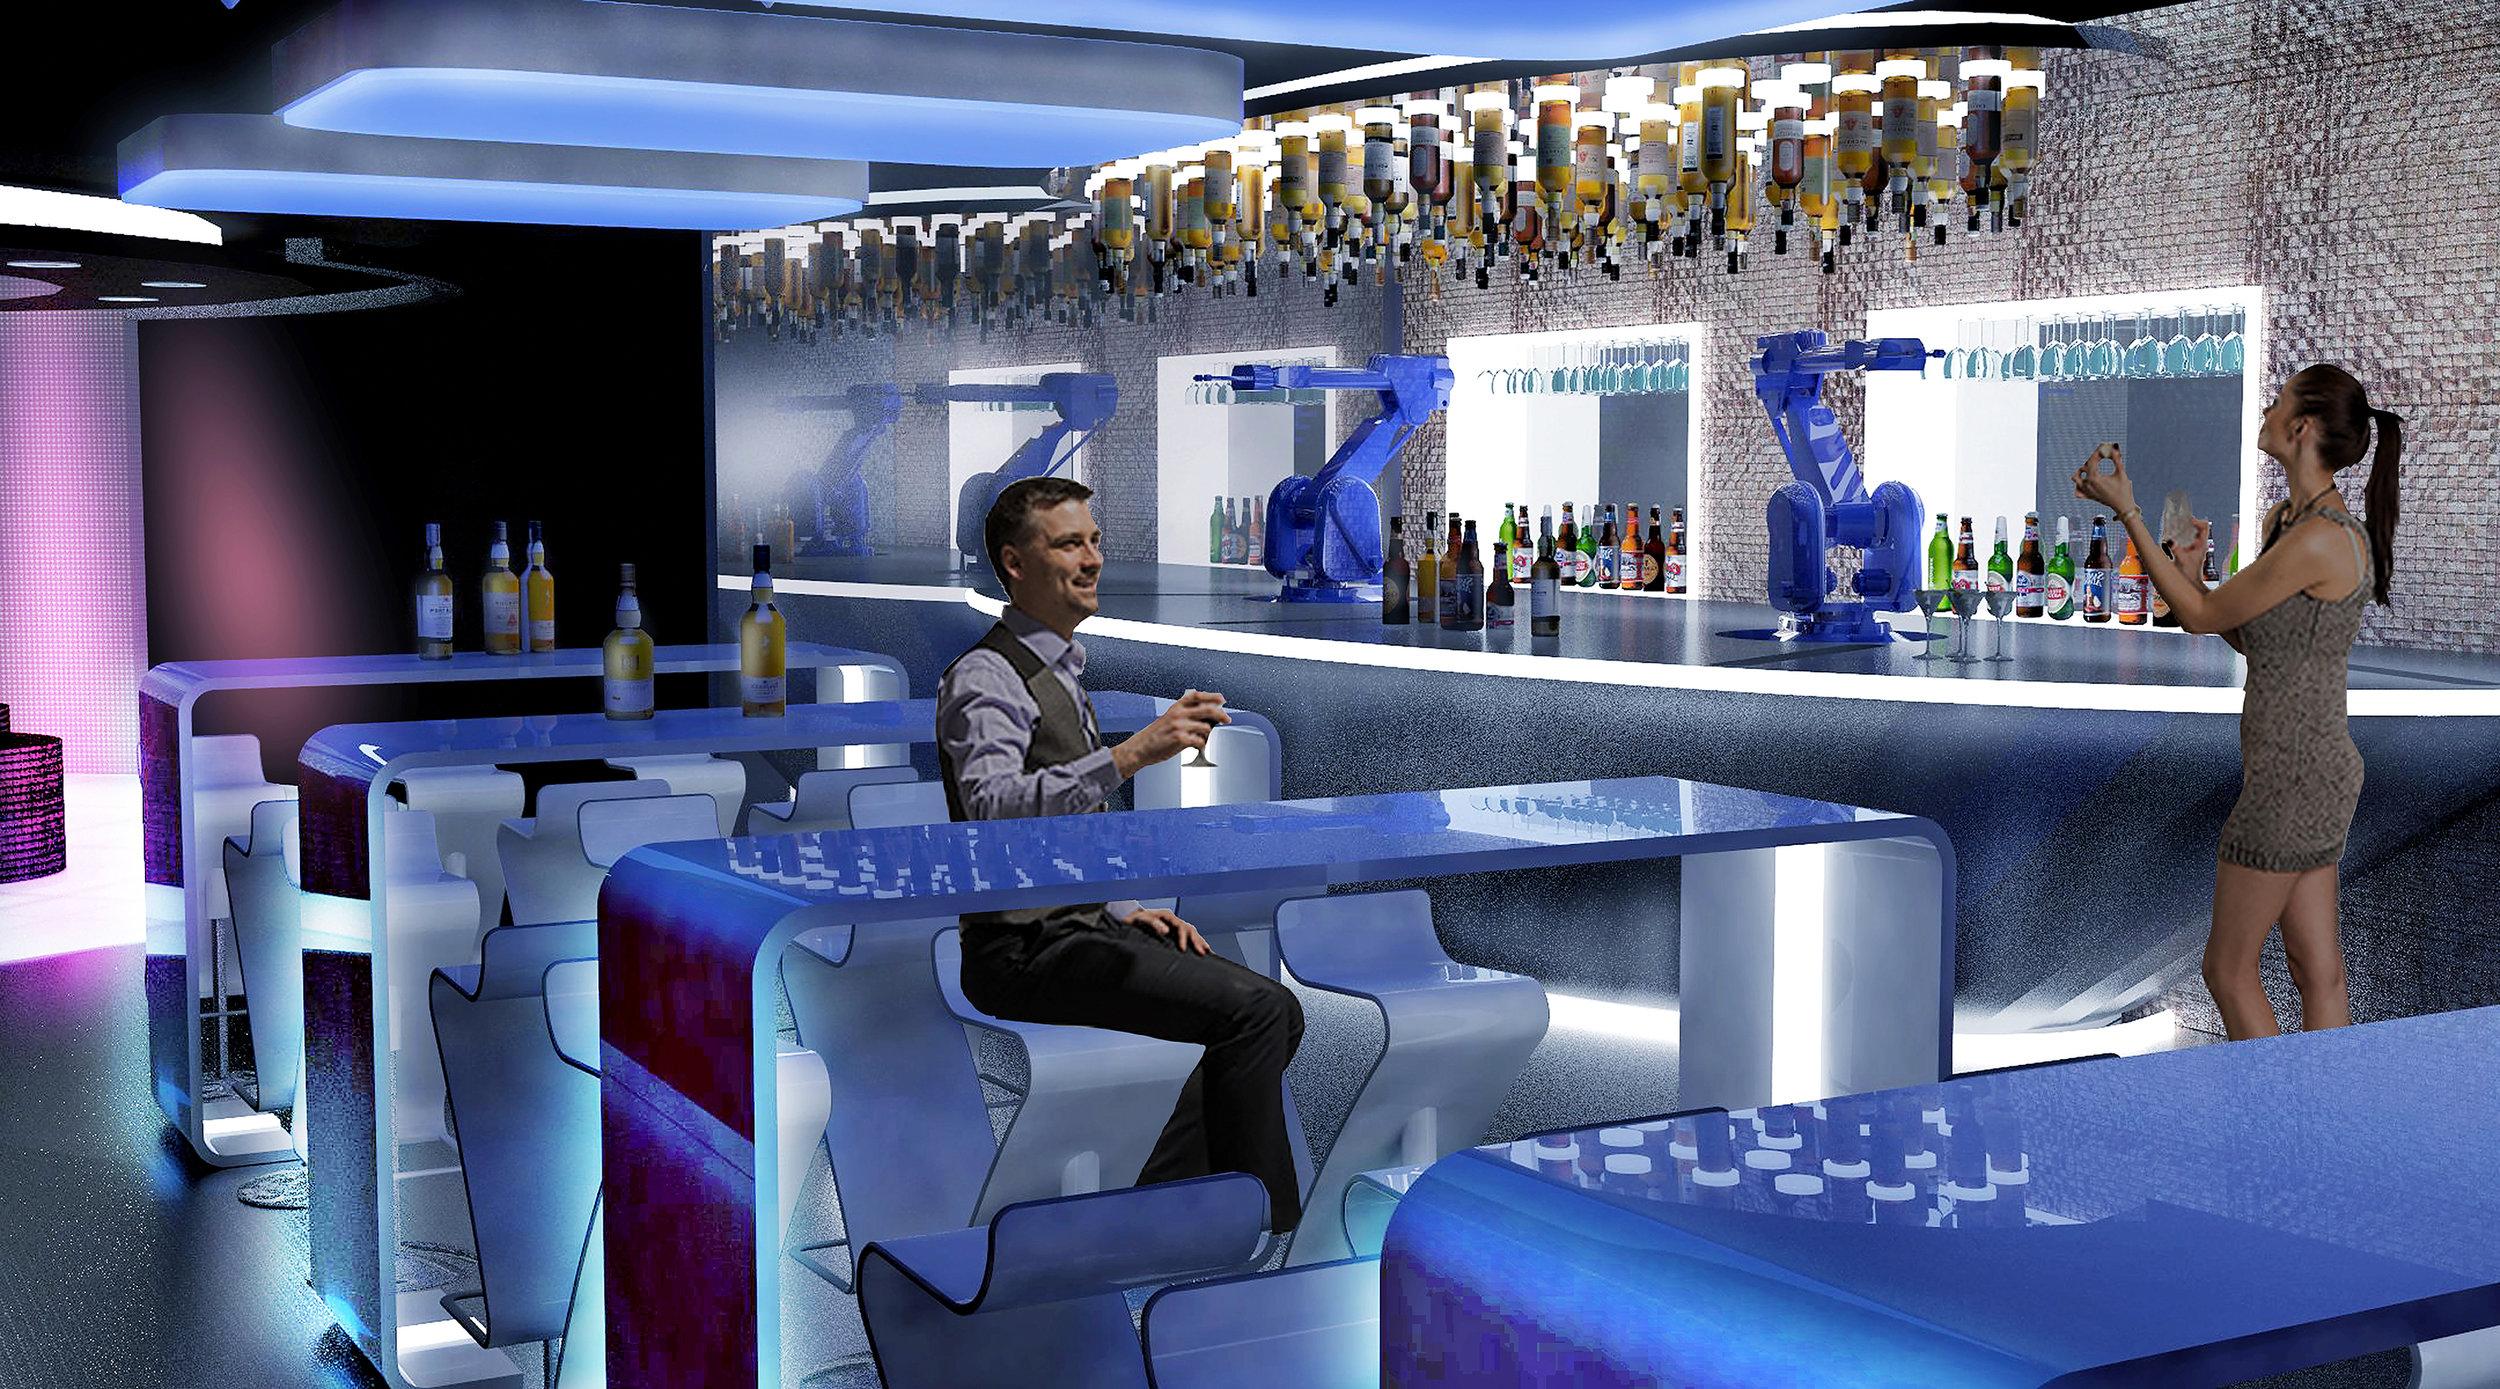 silvia-landinez-franzi-yiju-chen-juliana-sorzano-dailyrious-new-york-mps-sustainable-interior-environments-commercial-project_17616958466_o.jpg